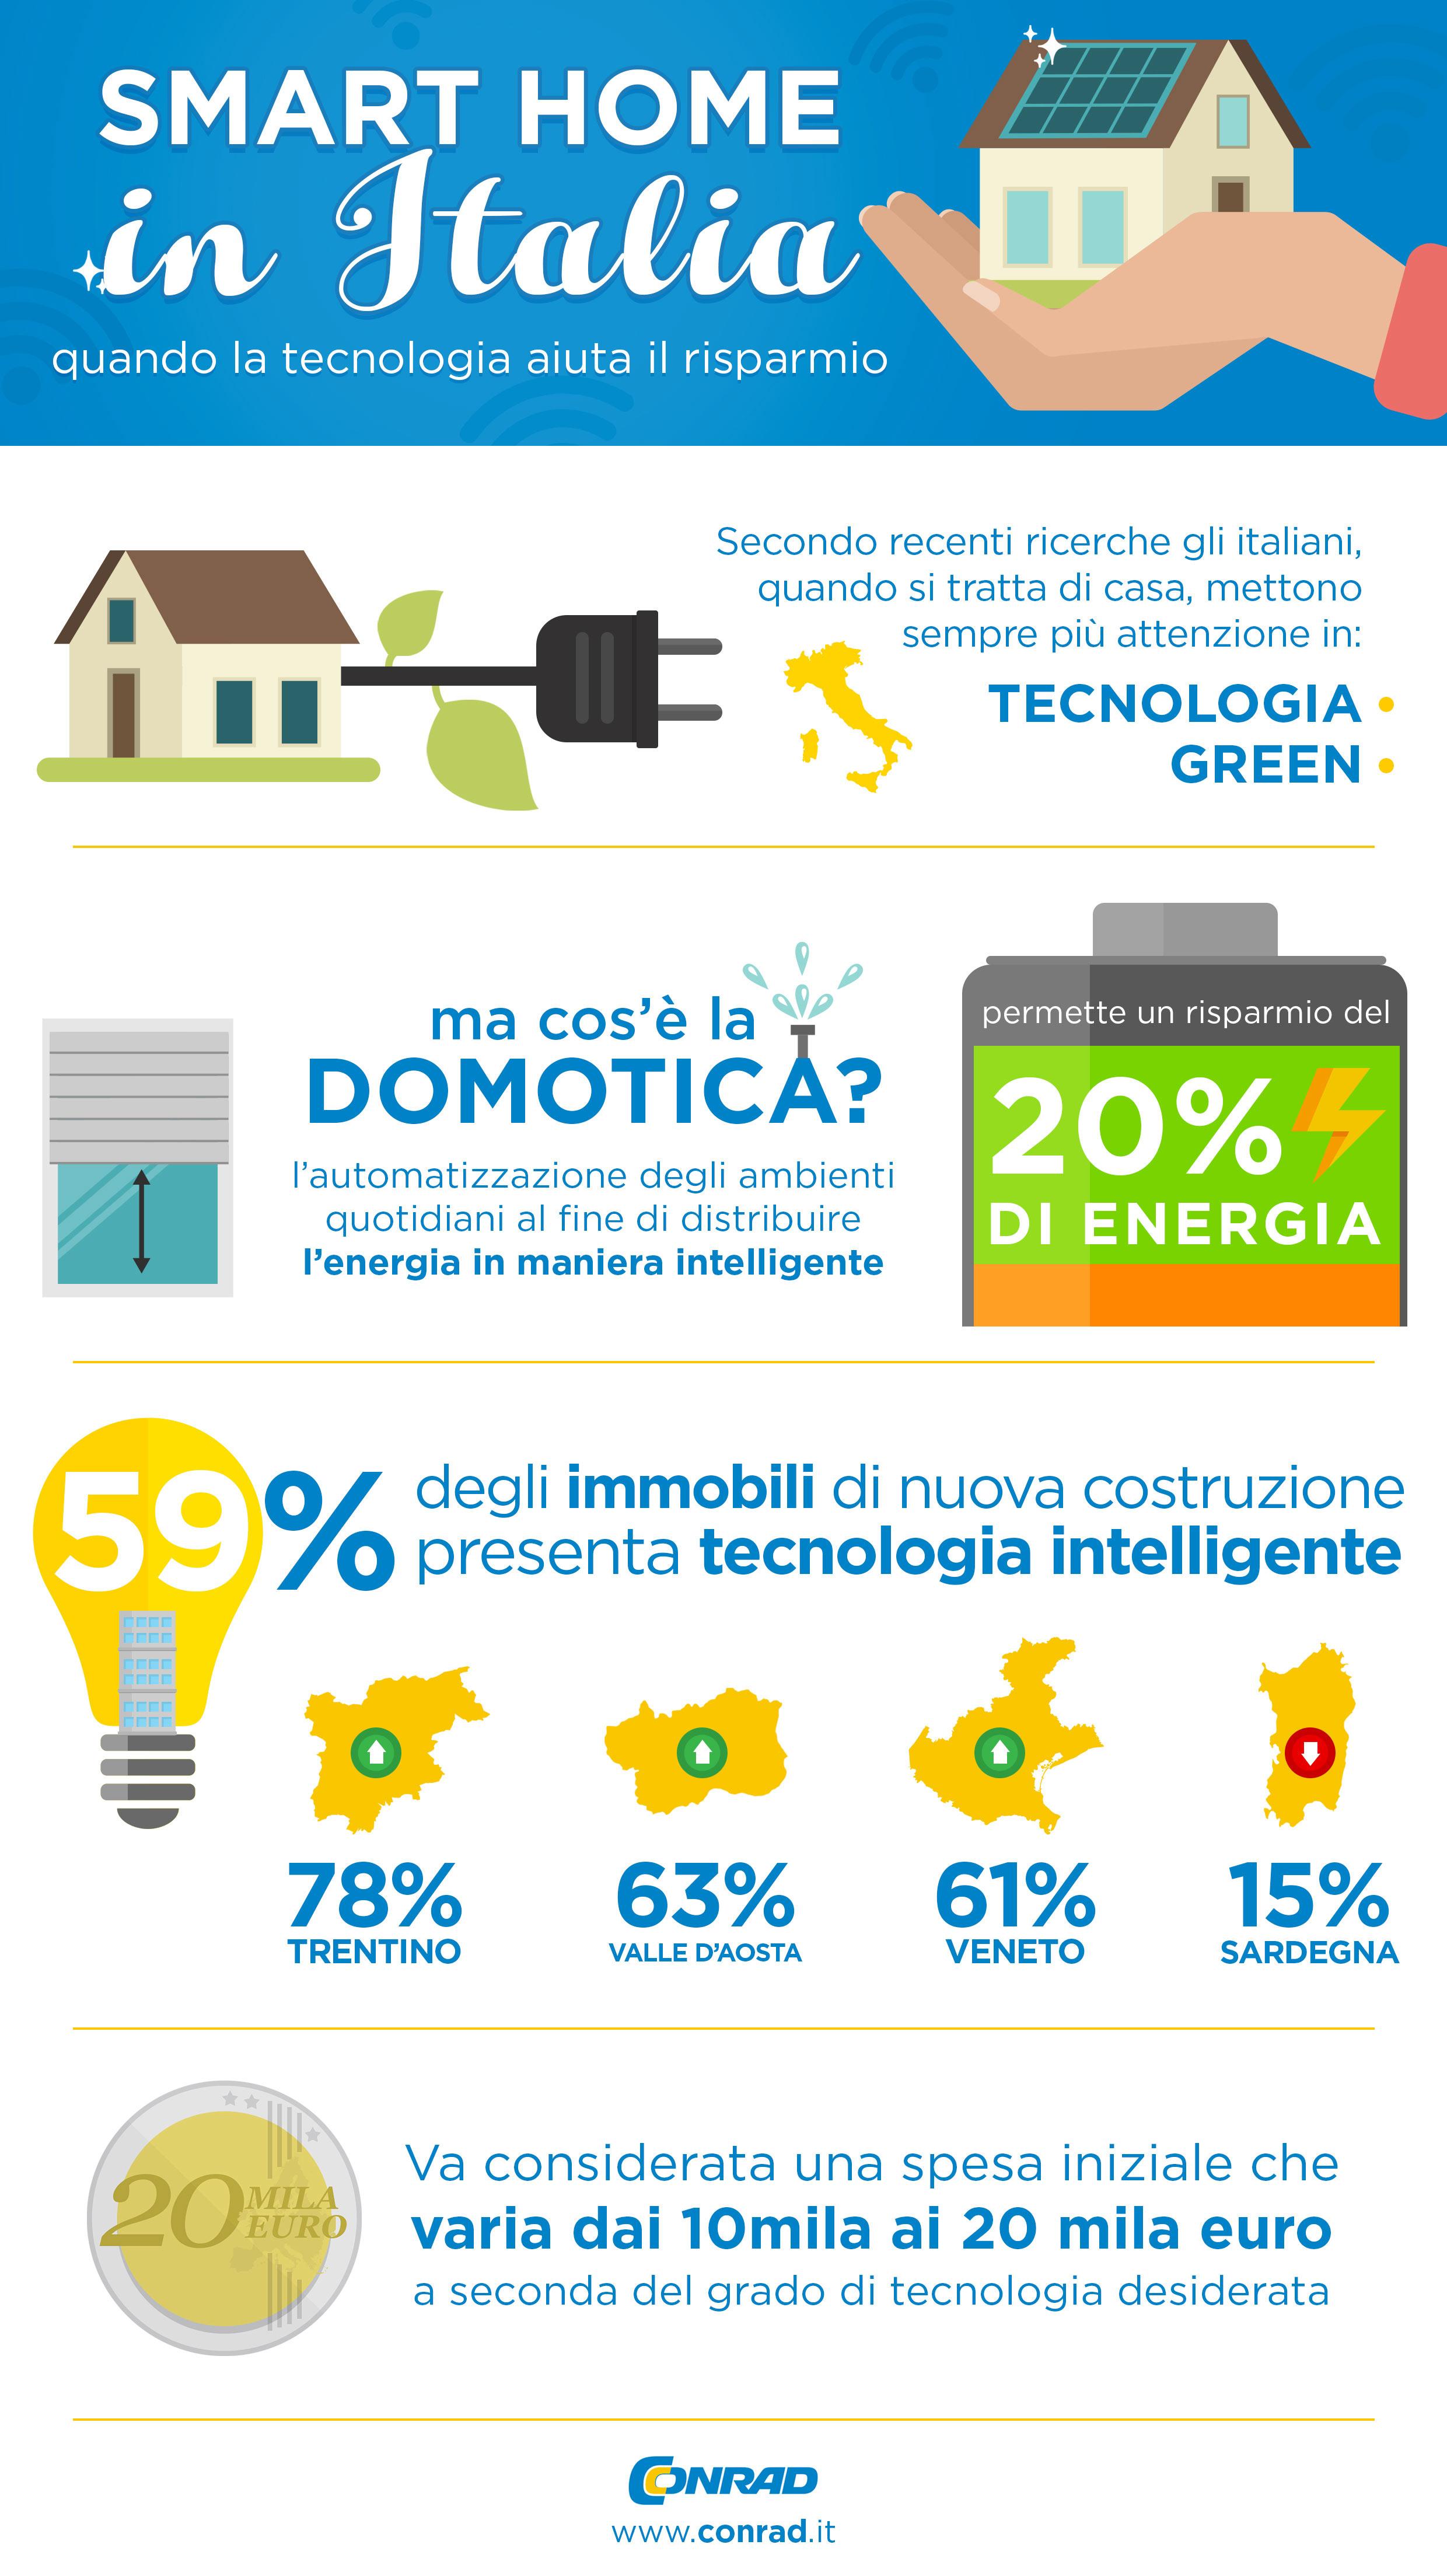 Smart Home e italiani: il nuovo modo di vivere la casa.